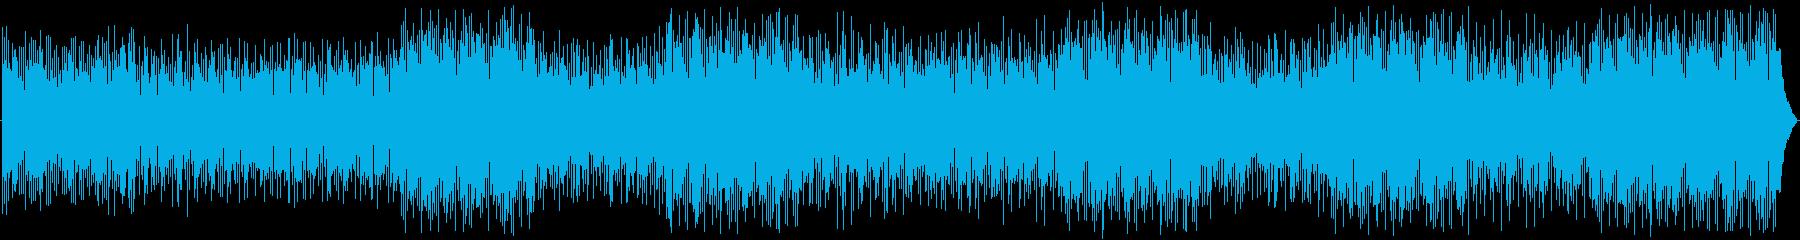 エレクトリックギターとピアノのメロ...の再生済みの波形